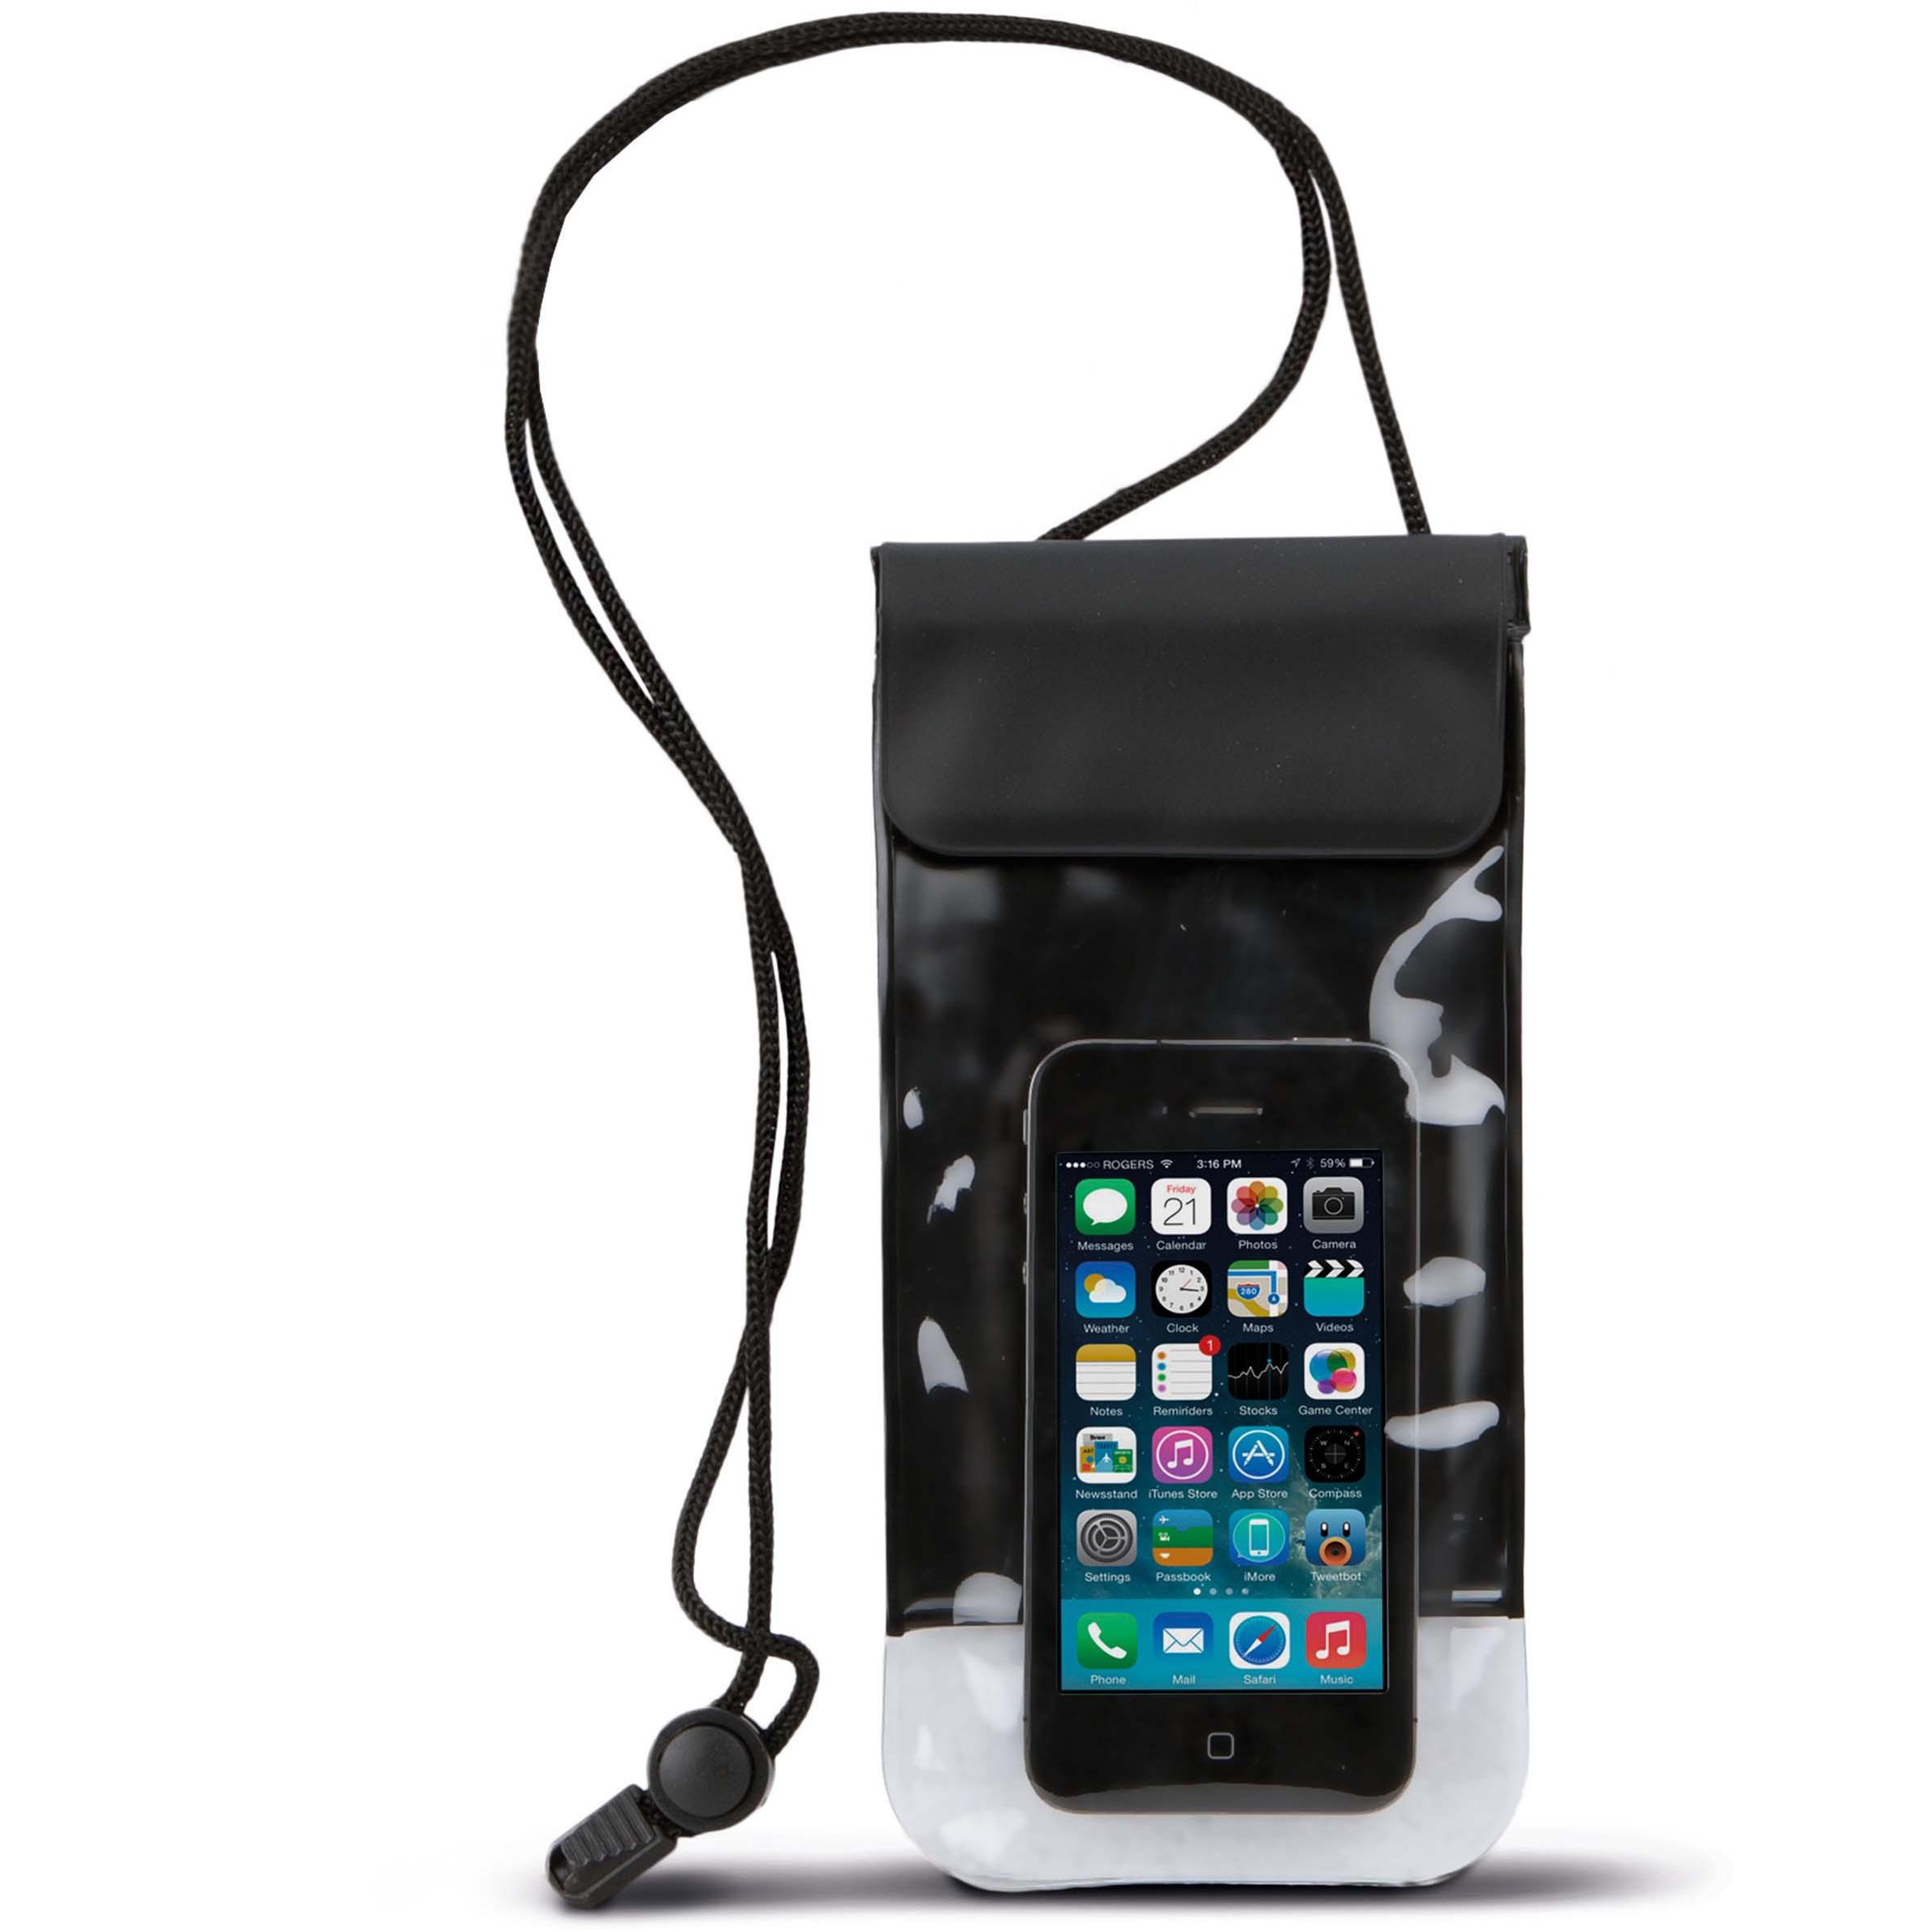 Waterdichte telefoon hoes met nekkoord zwart 10 x 20 cm telefoonaccessoires